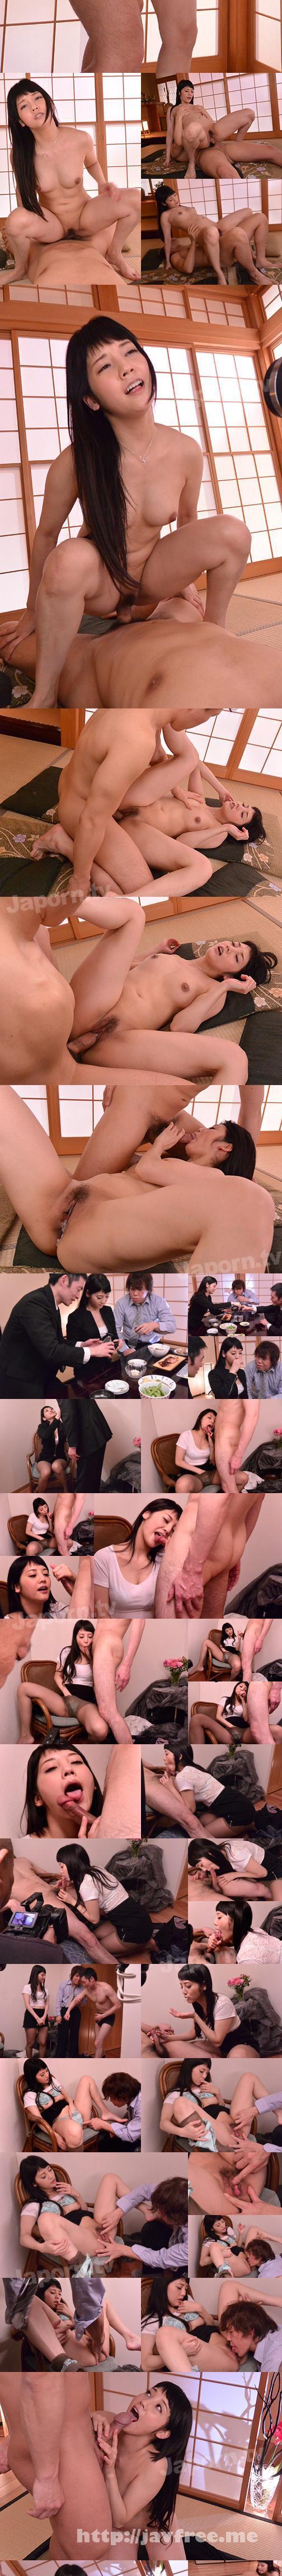 [SMD 126] S Model 126 清楚な妻の真実 : みづなれい みづなれい SMD Rei mizuna